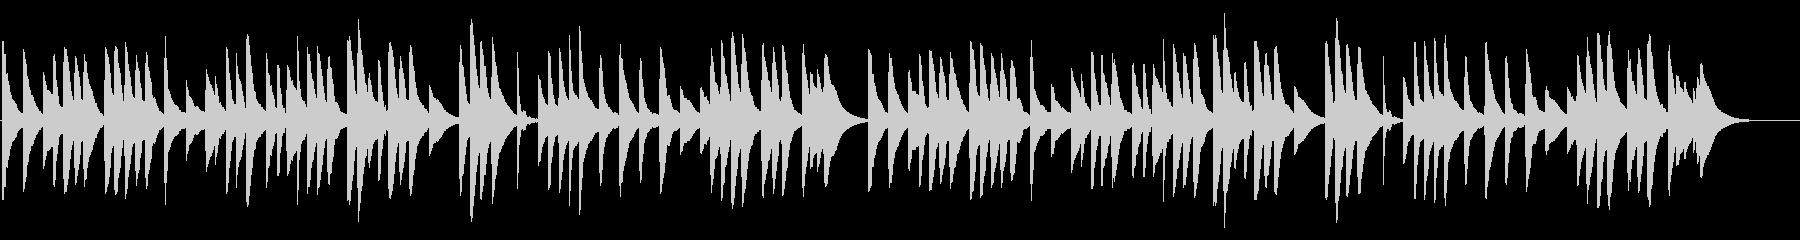 亡き王女のためのパヴァーヌ 18弁オルゴの未再生の波形